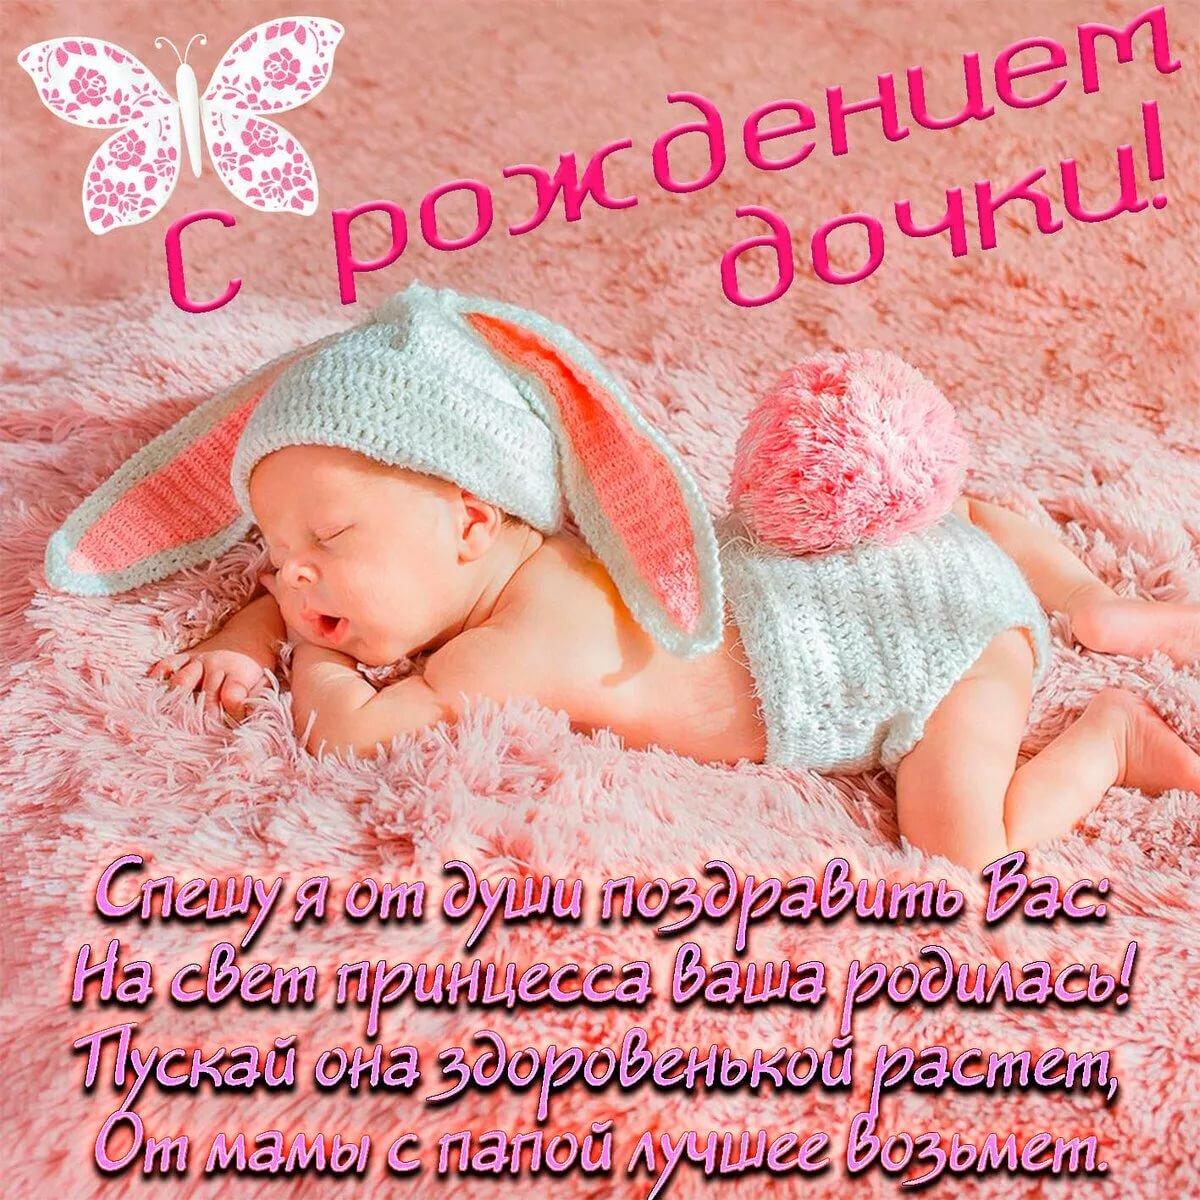 постепенно, боль з народженням донечки картинки они все уже